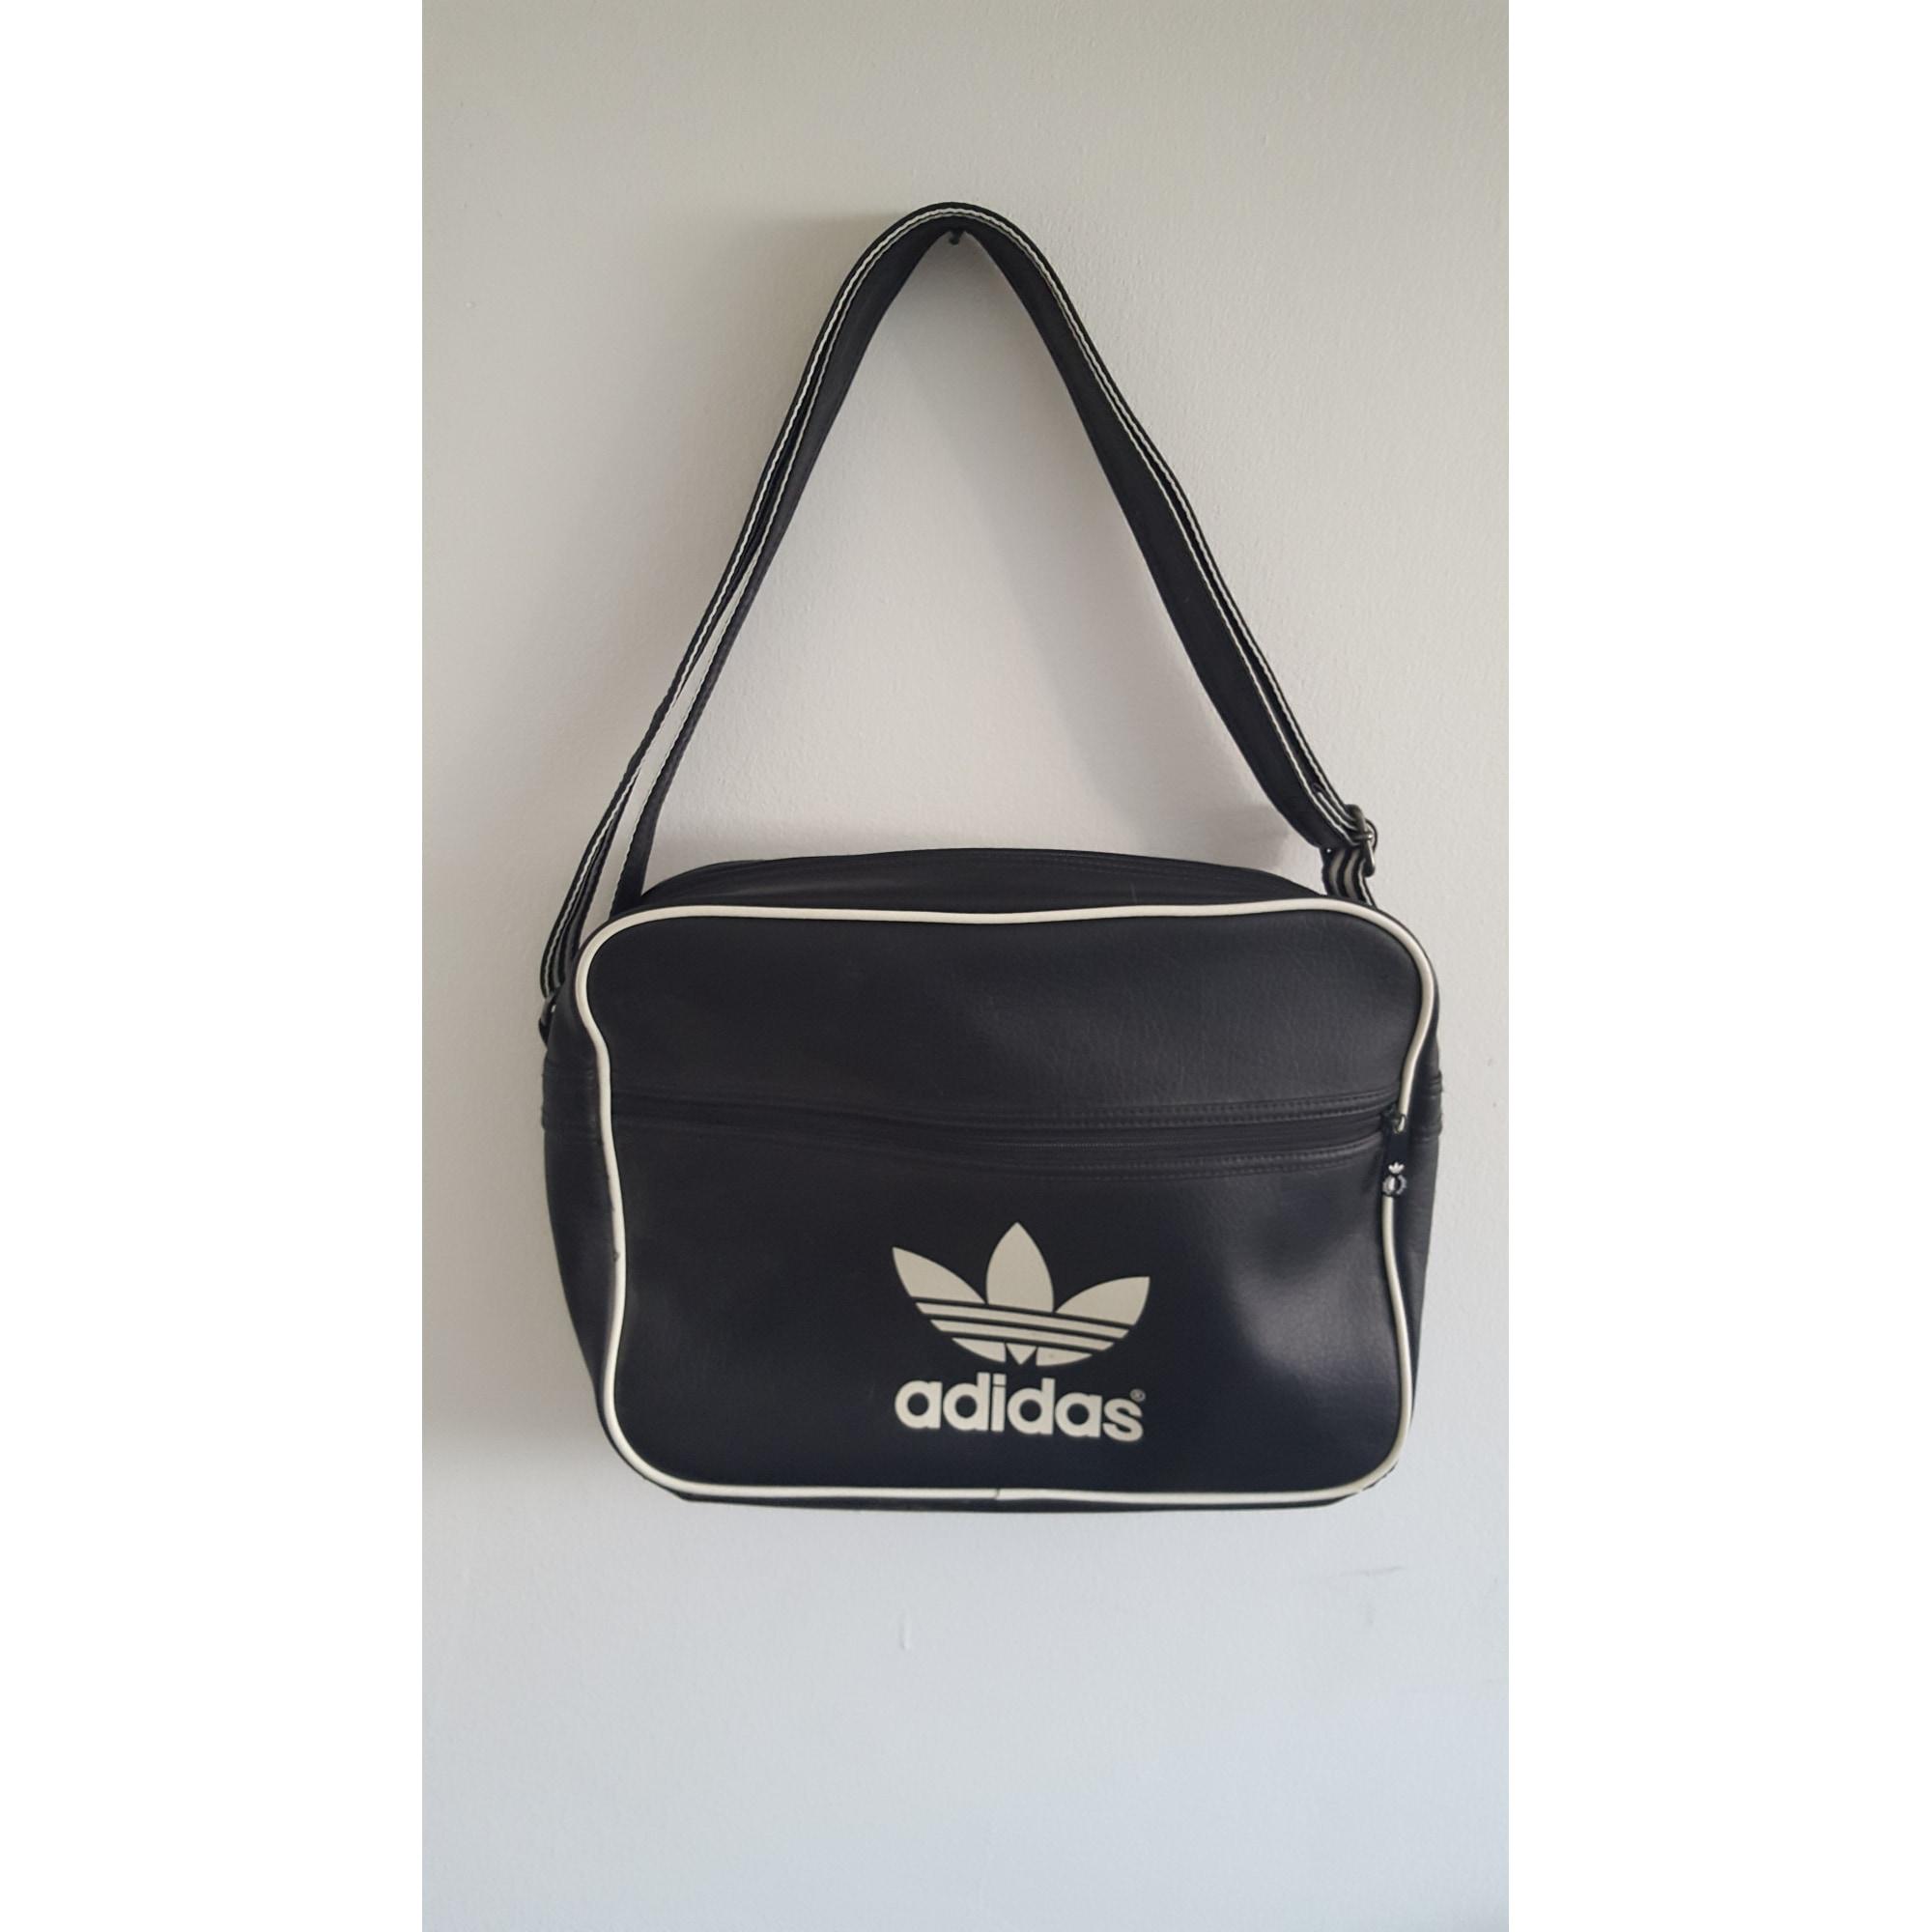 Adidas Sacoche 3